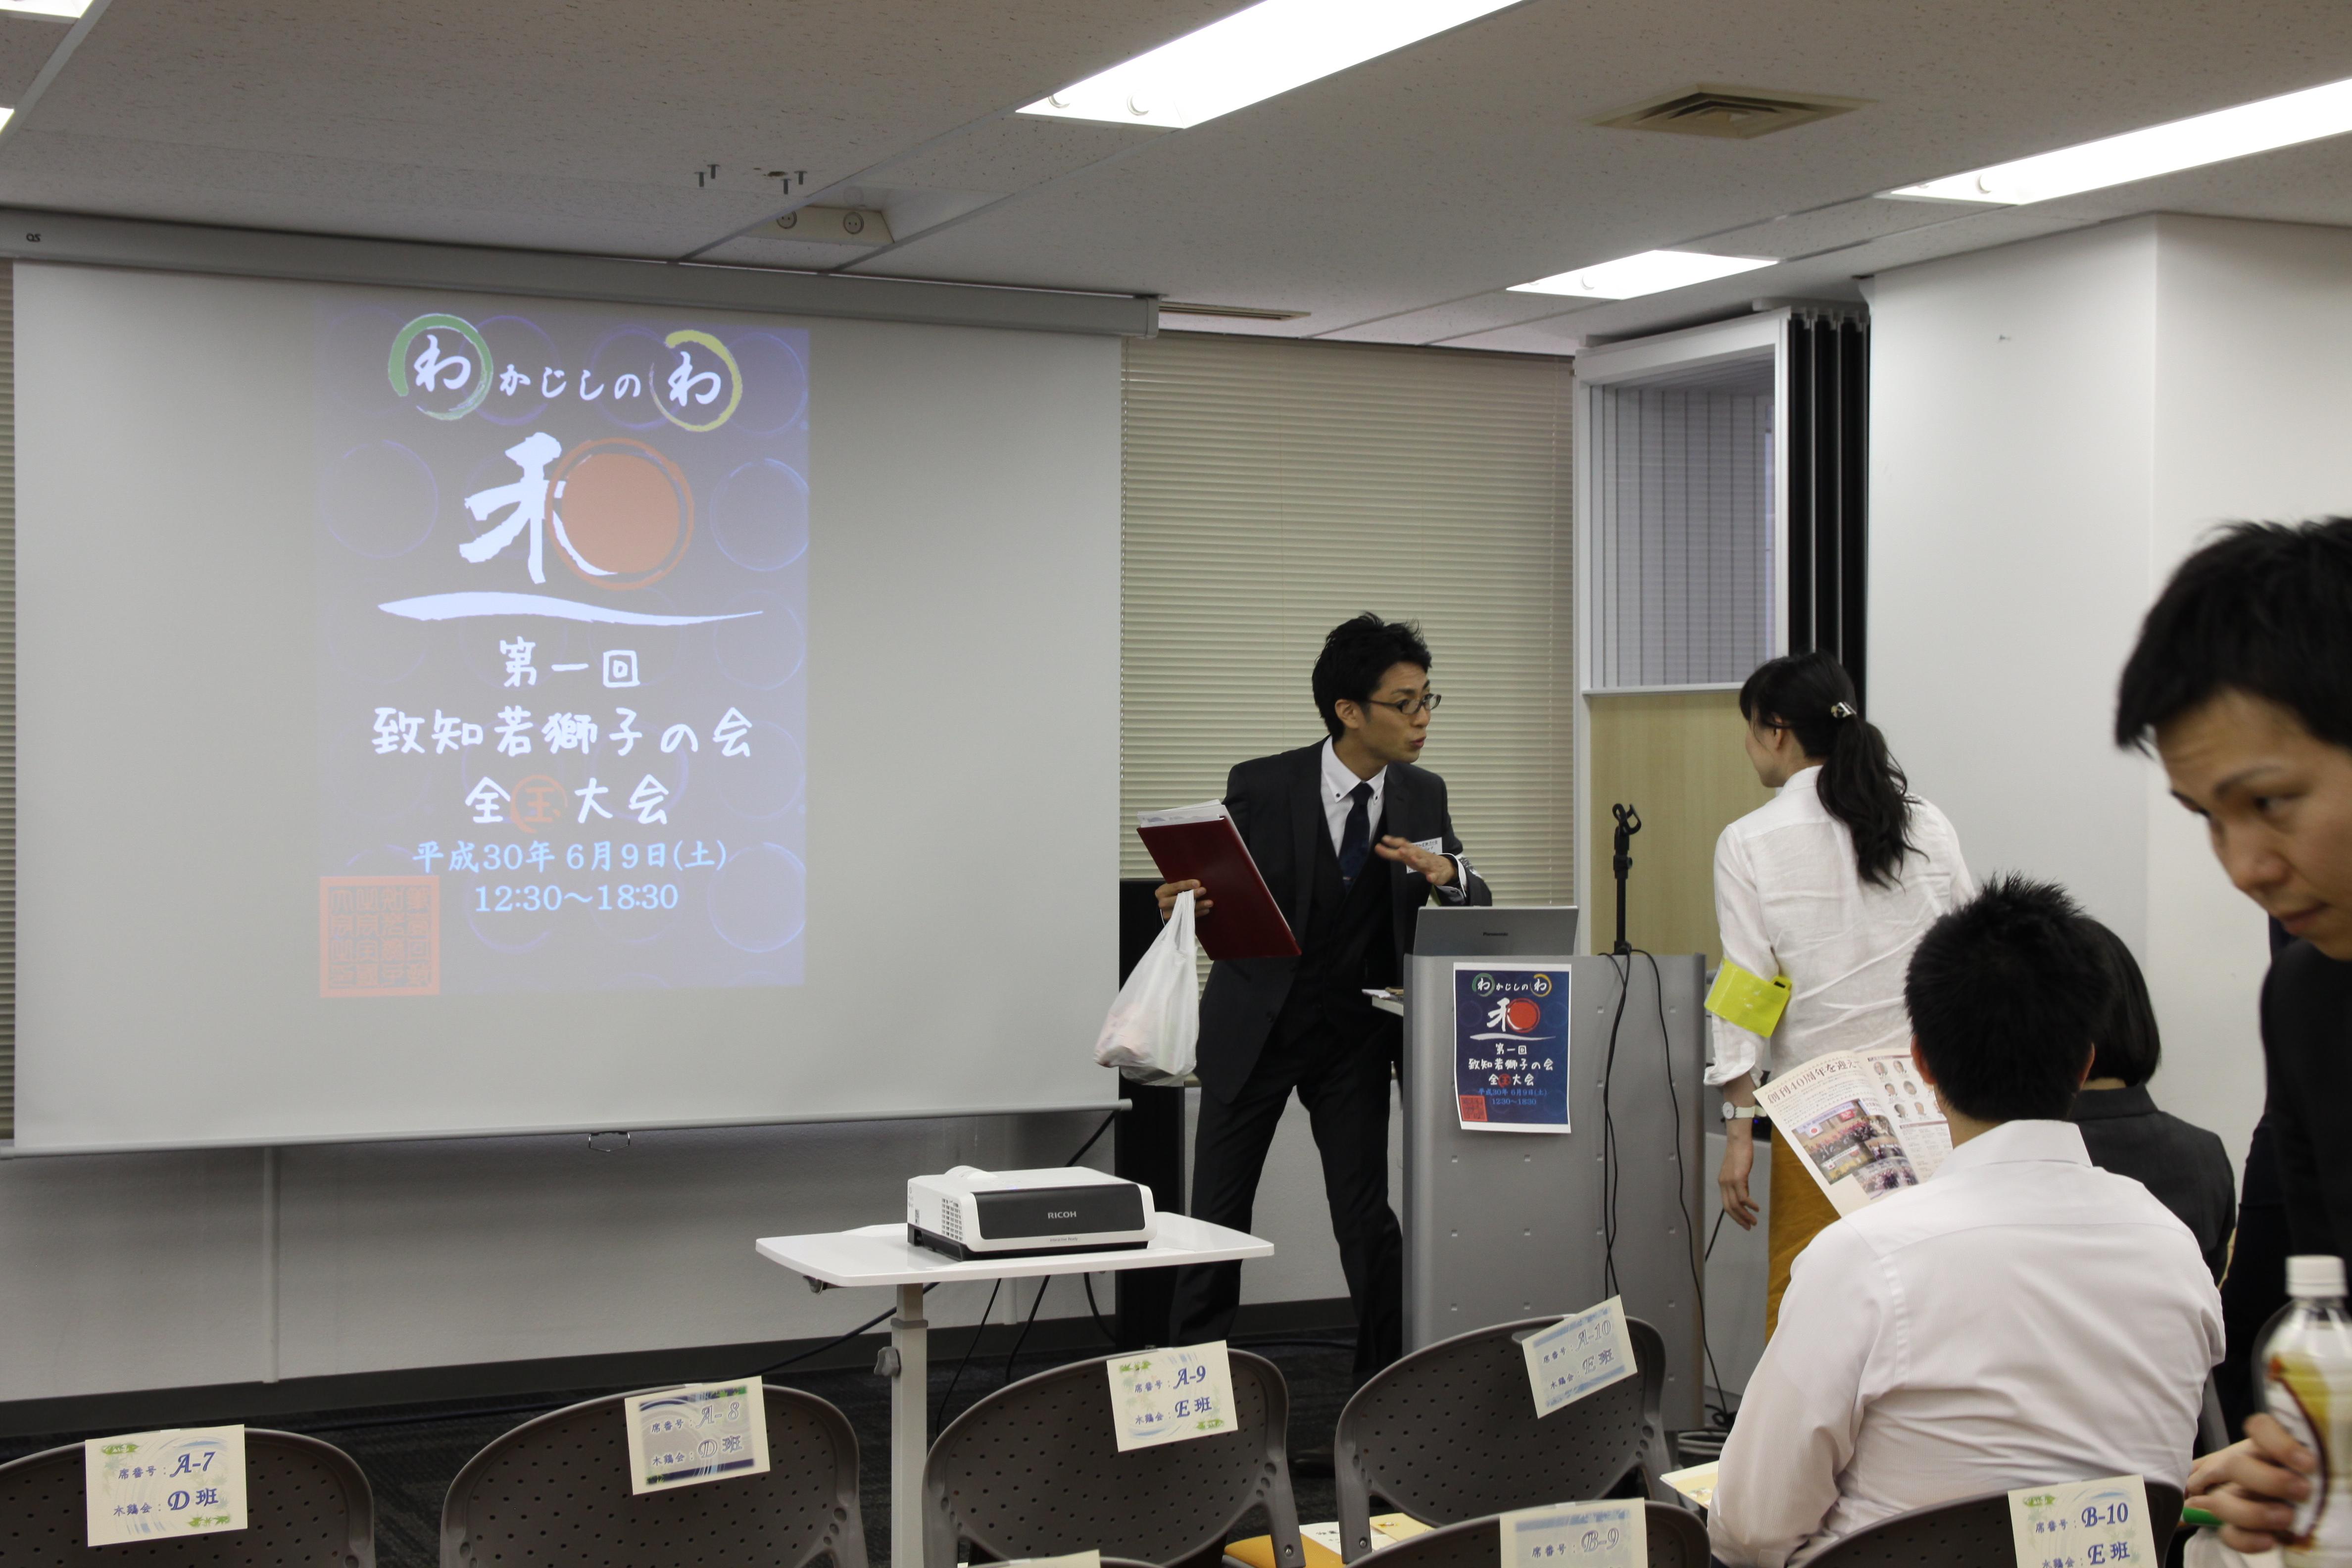 IMG 4501 - 関東若獅子の会、記念すべき第100回